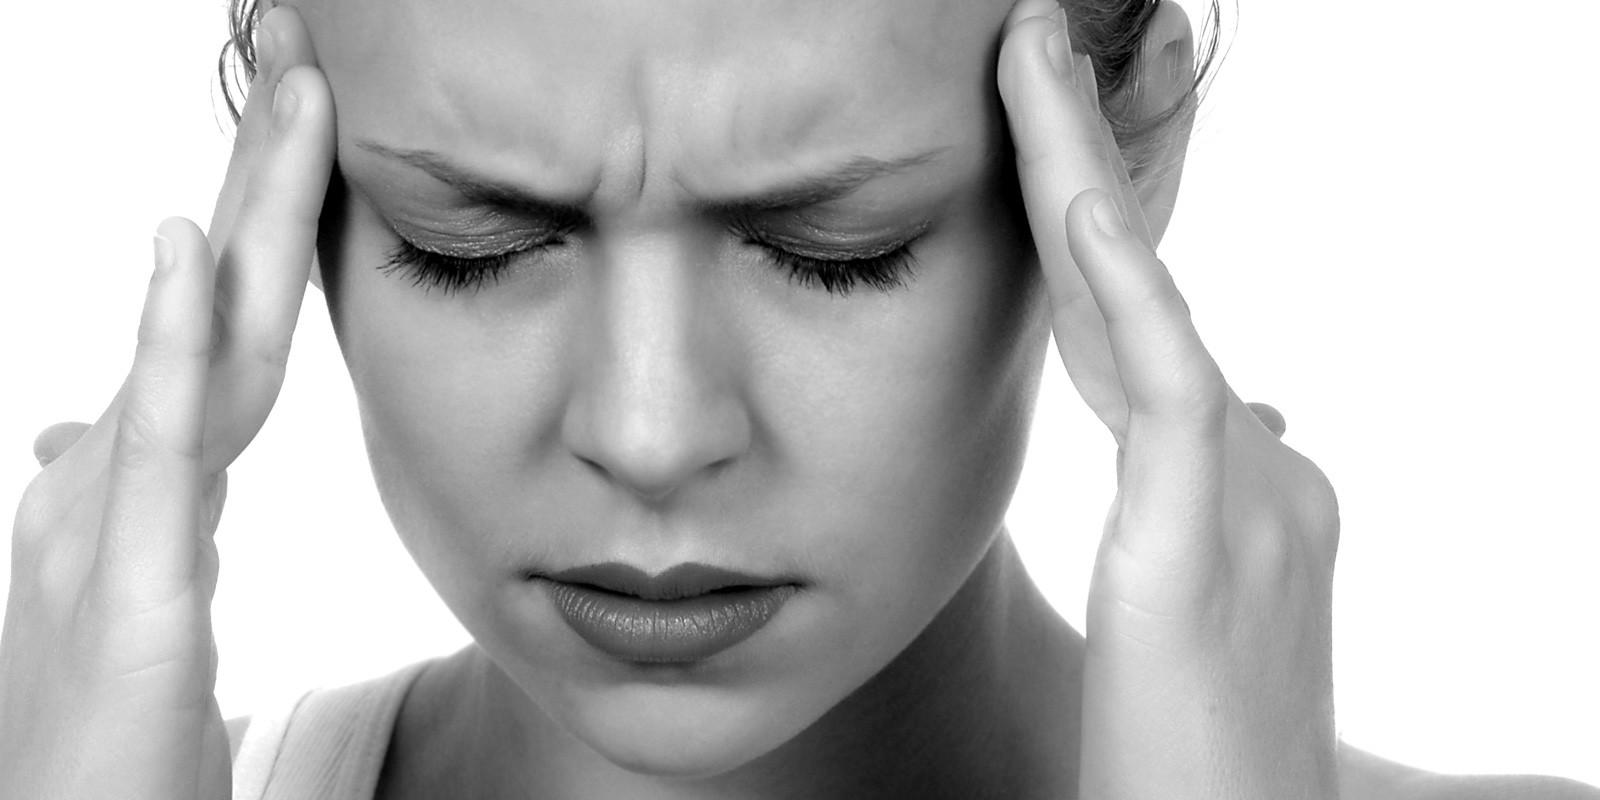 Dolor de cabeza nauseas y mareos escalofrios